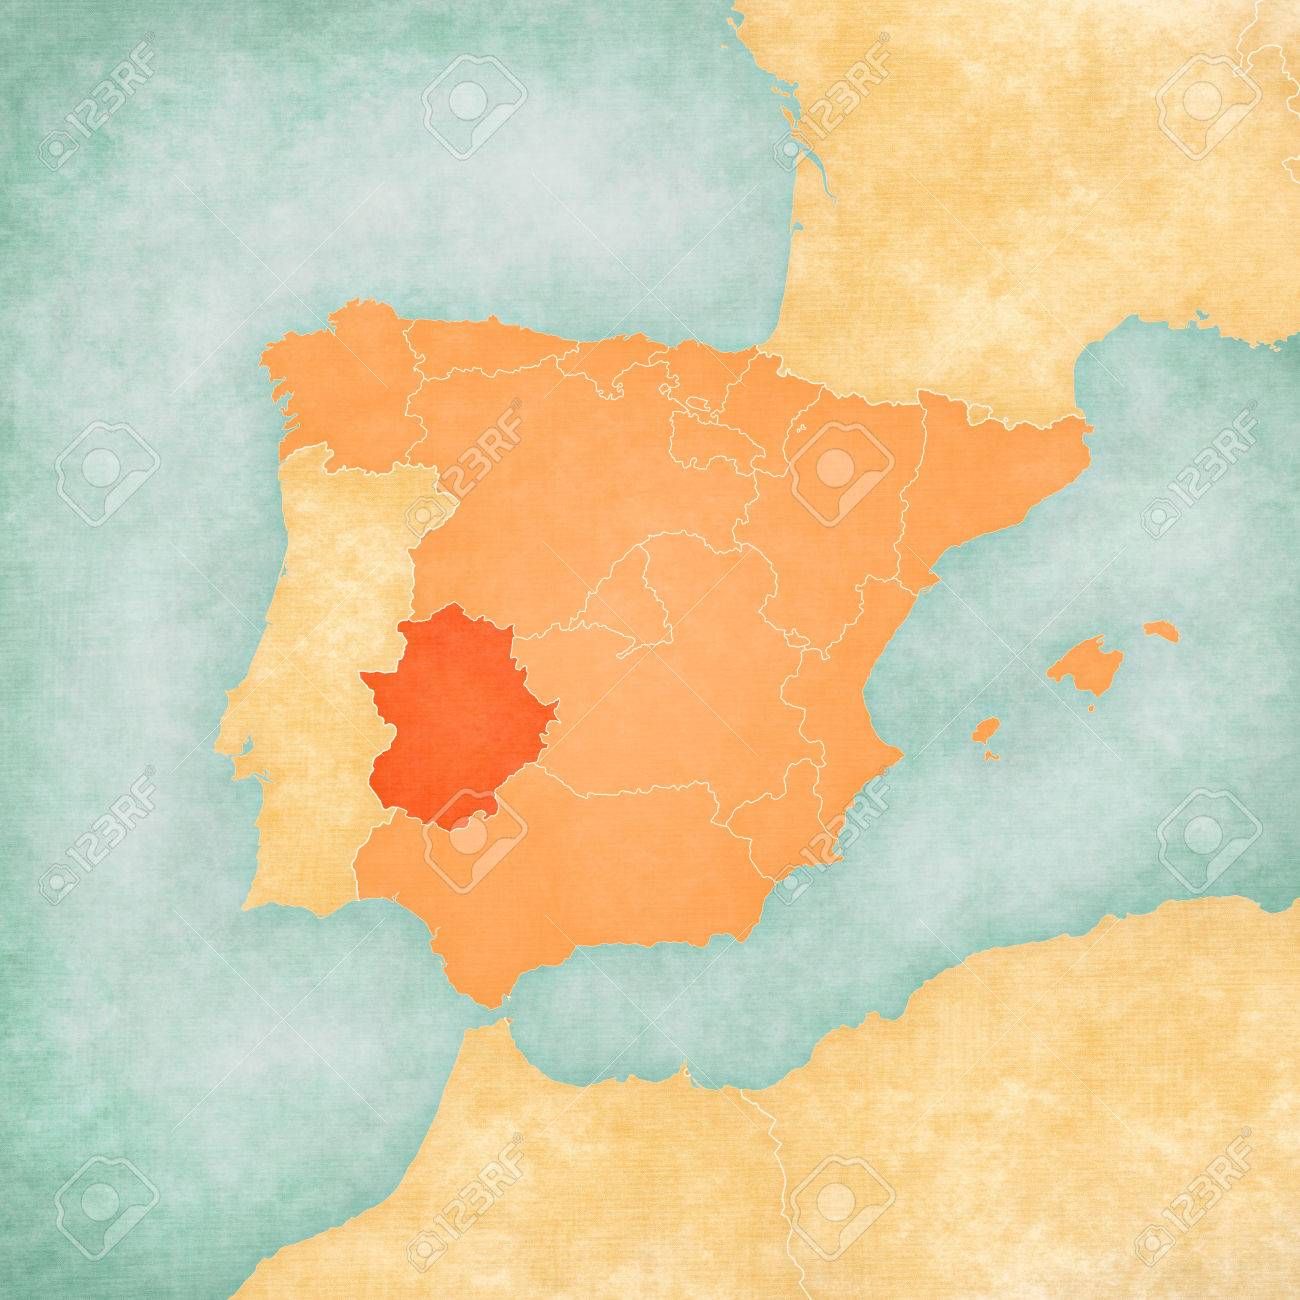 Estremadure Espagne Carte.Estremadure Espagne Sur La Carte De La Peninsule Iberique Douce Grunge Et Style Vintage Sur Vieux Papier